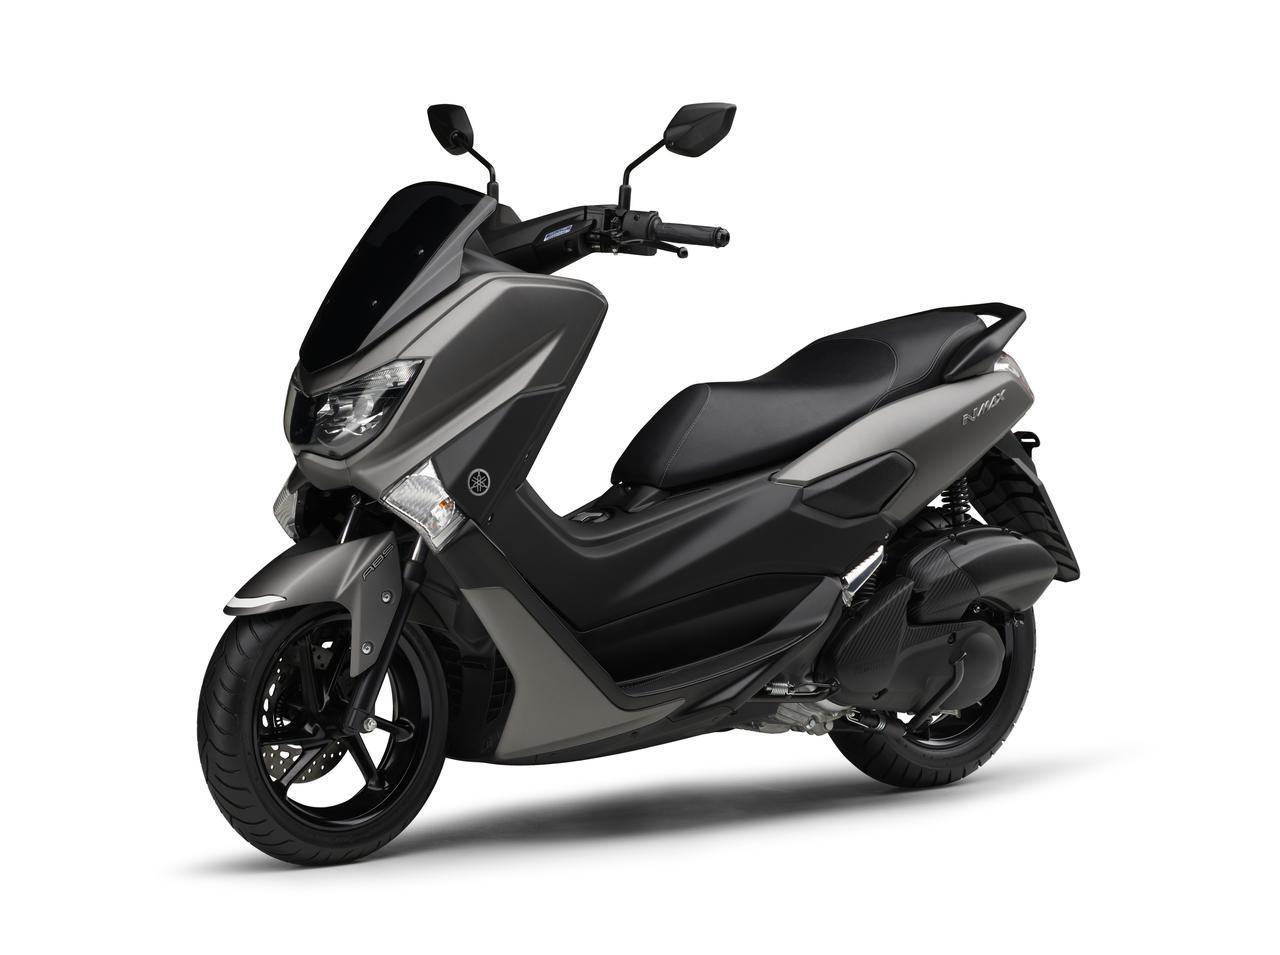 画像11: ヤマハの原付二種「NMAX ABS」2020年モデル情報|新色が4月25日に発売!【価格・発売日・カラー・スペック】